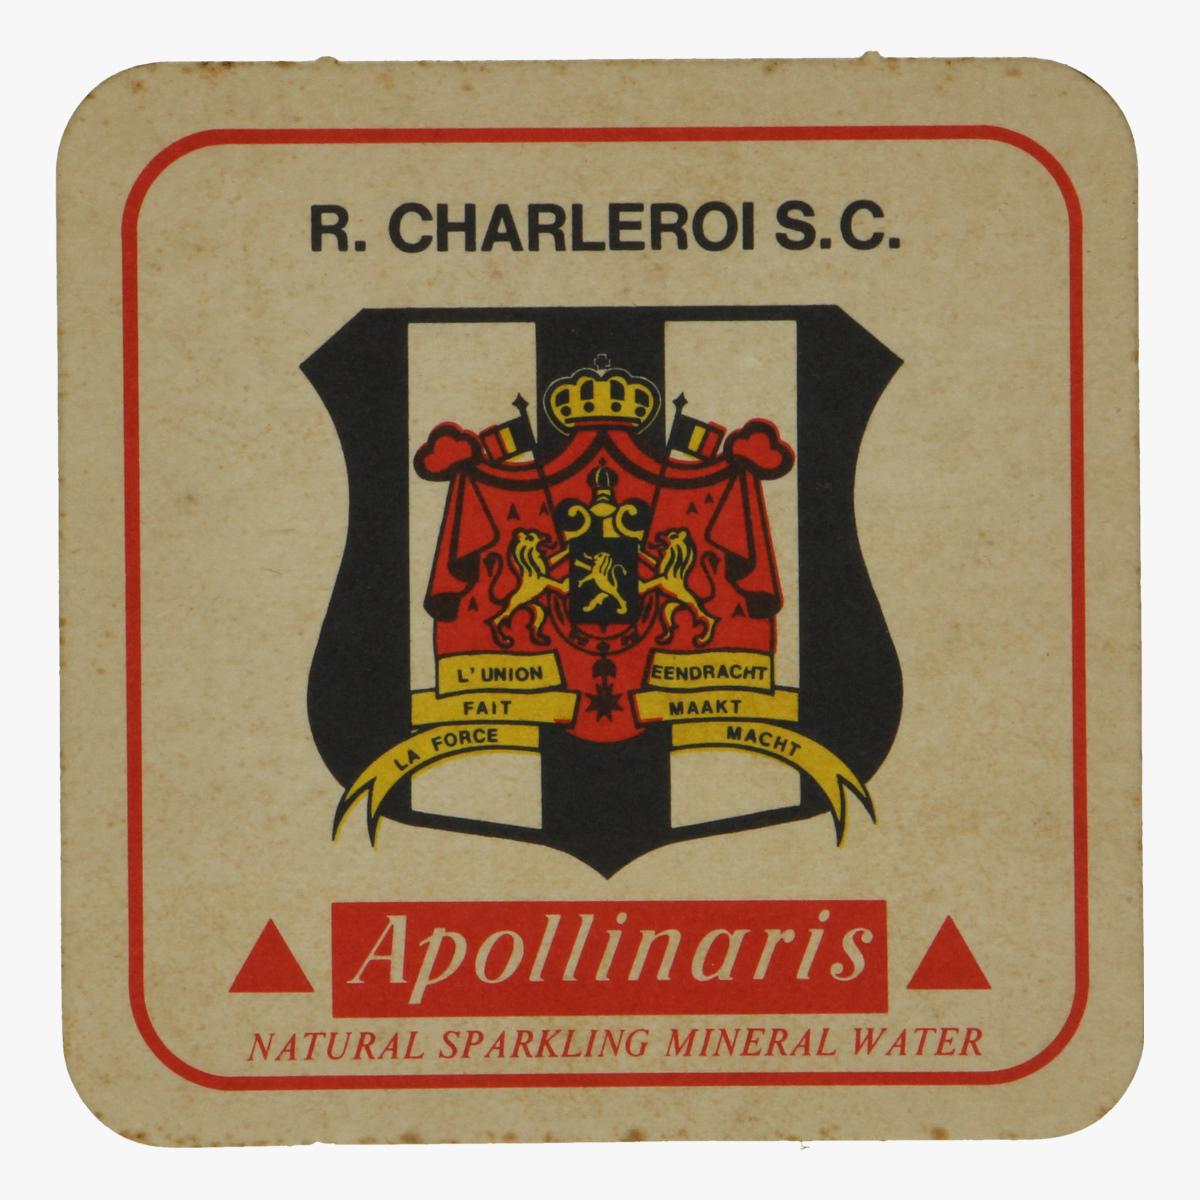 Afbeeldingen van bierkaartje r. charleroi s.c. apollinaris